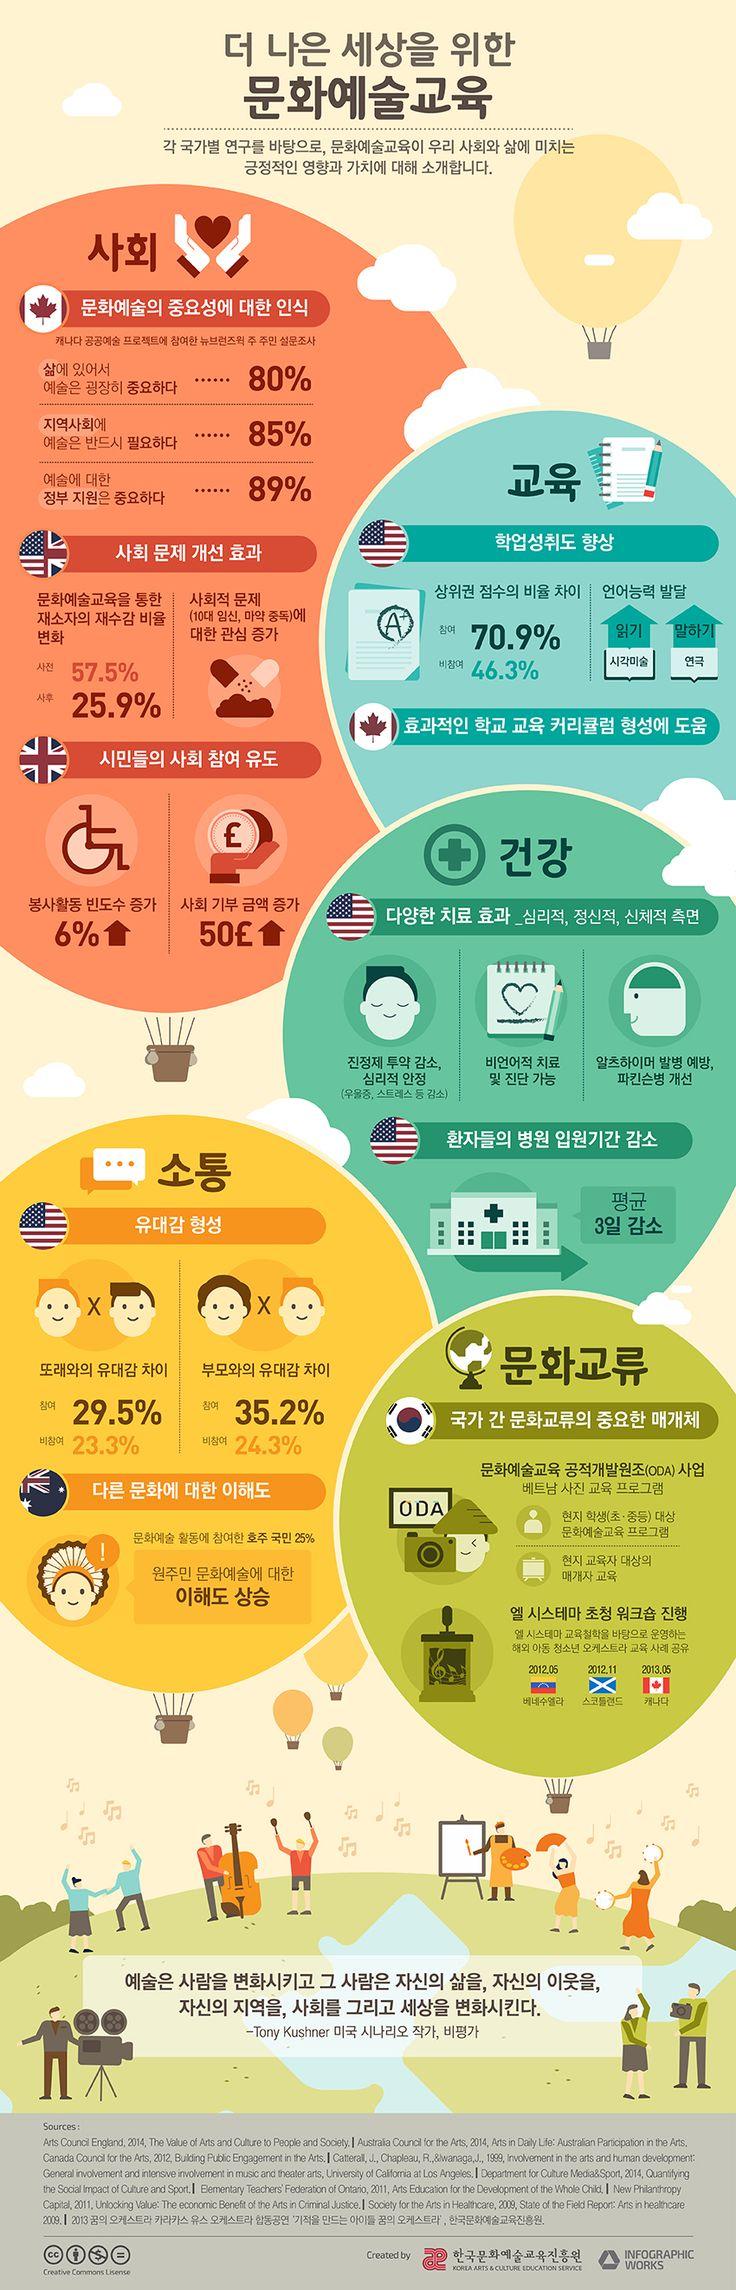 더 나은 세상을 위한 문화예술교육 (출처: 한국문화예술교육진흥원)